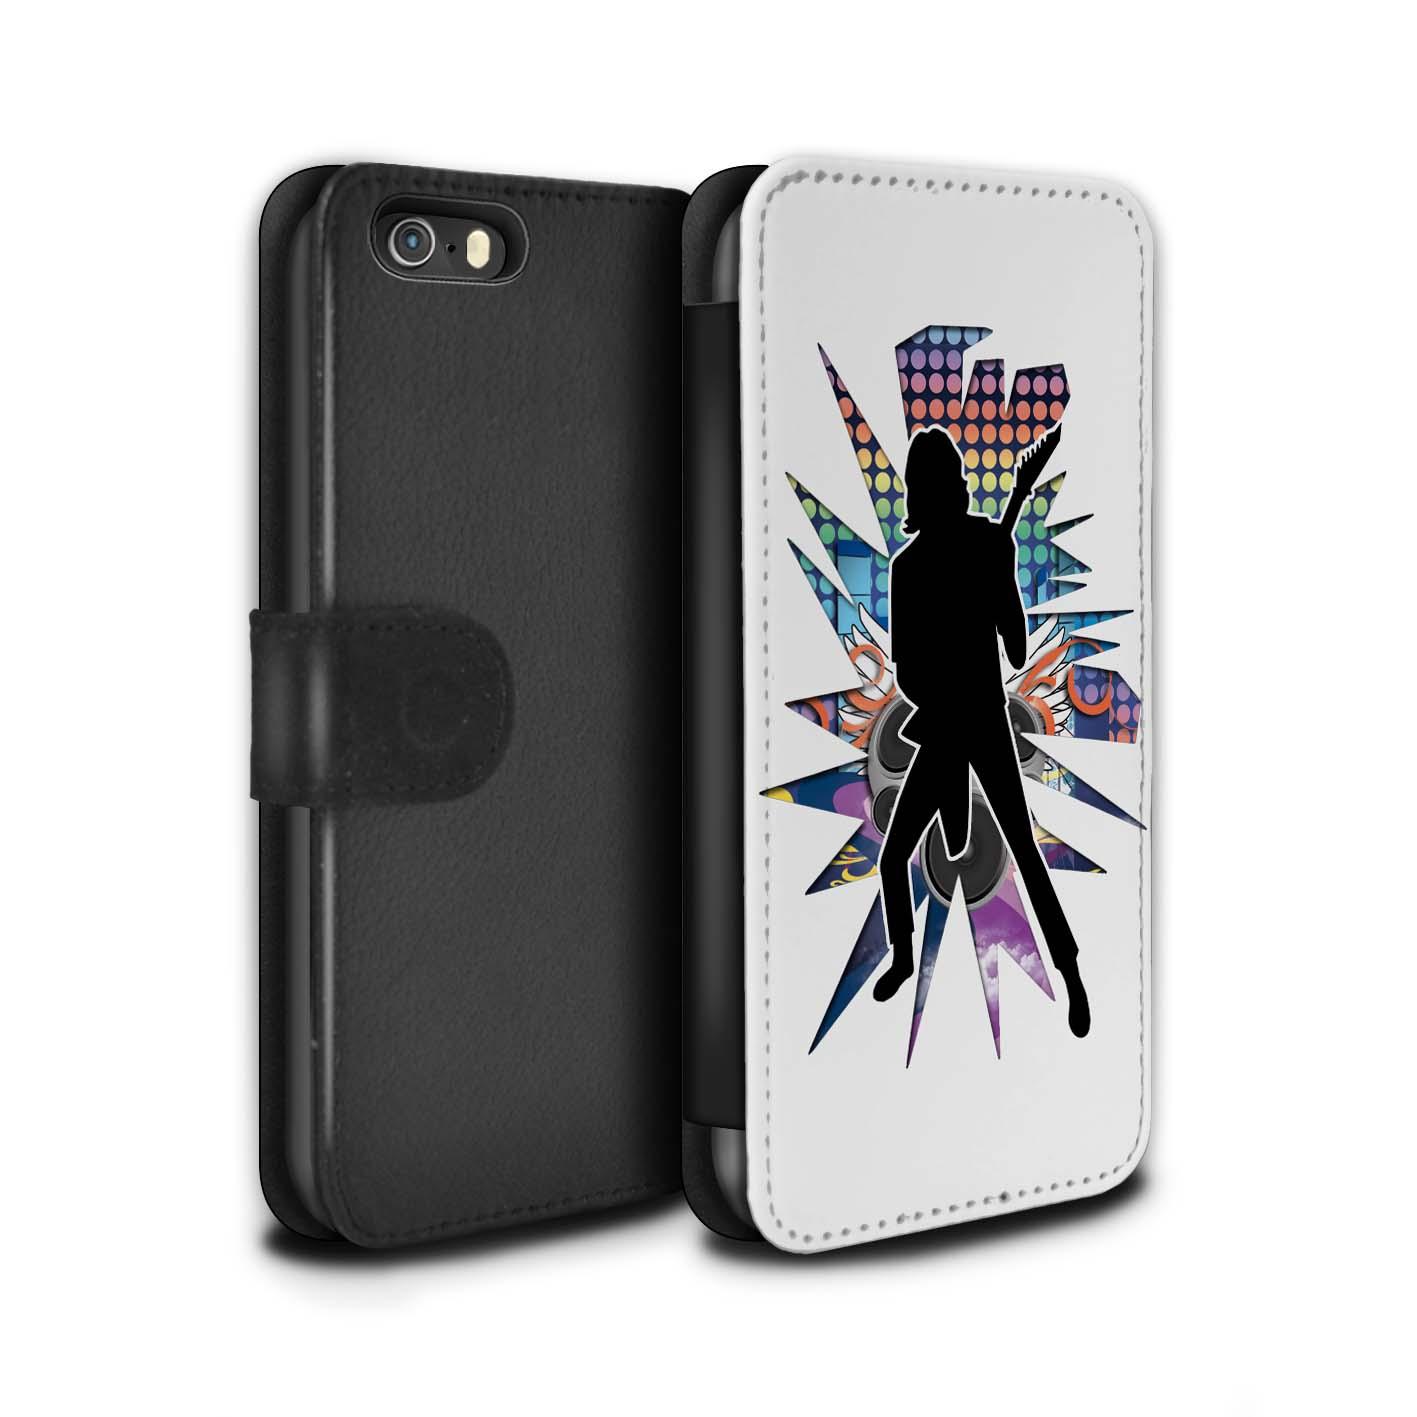 STUFF4-Coque-Etui-Case-Cuir-PU-pour-Apple-iPhone-5-5S-Rock-Star-Pose